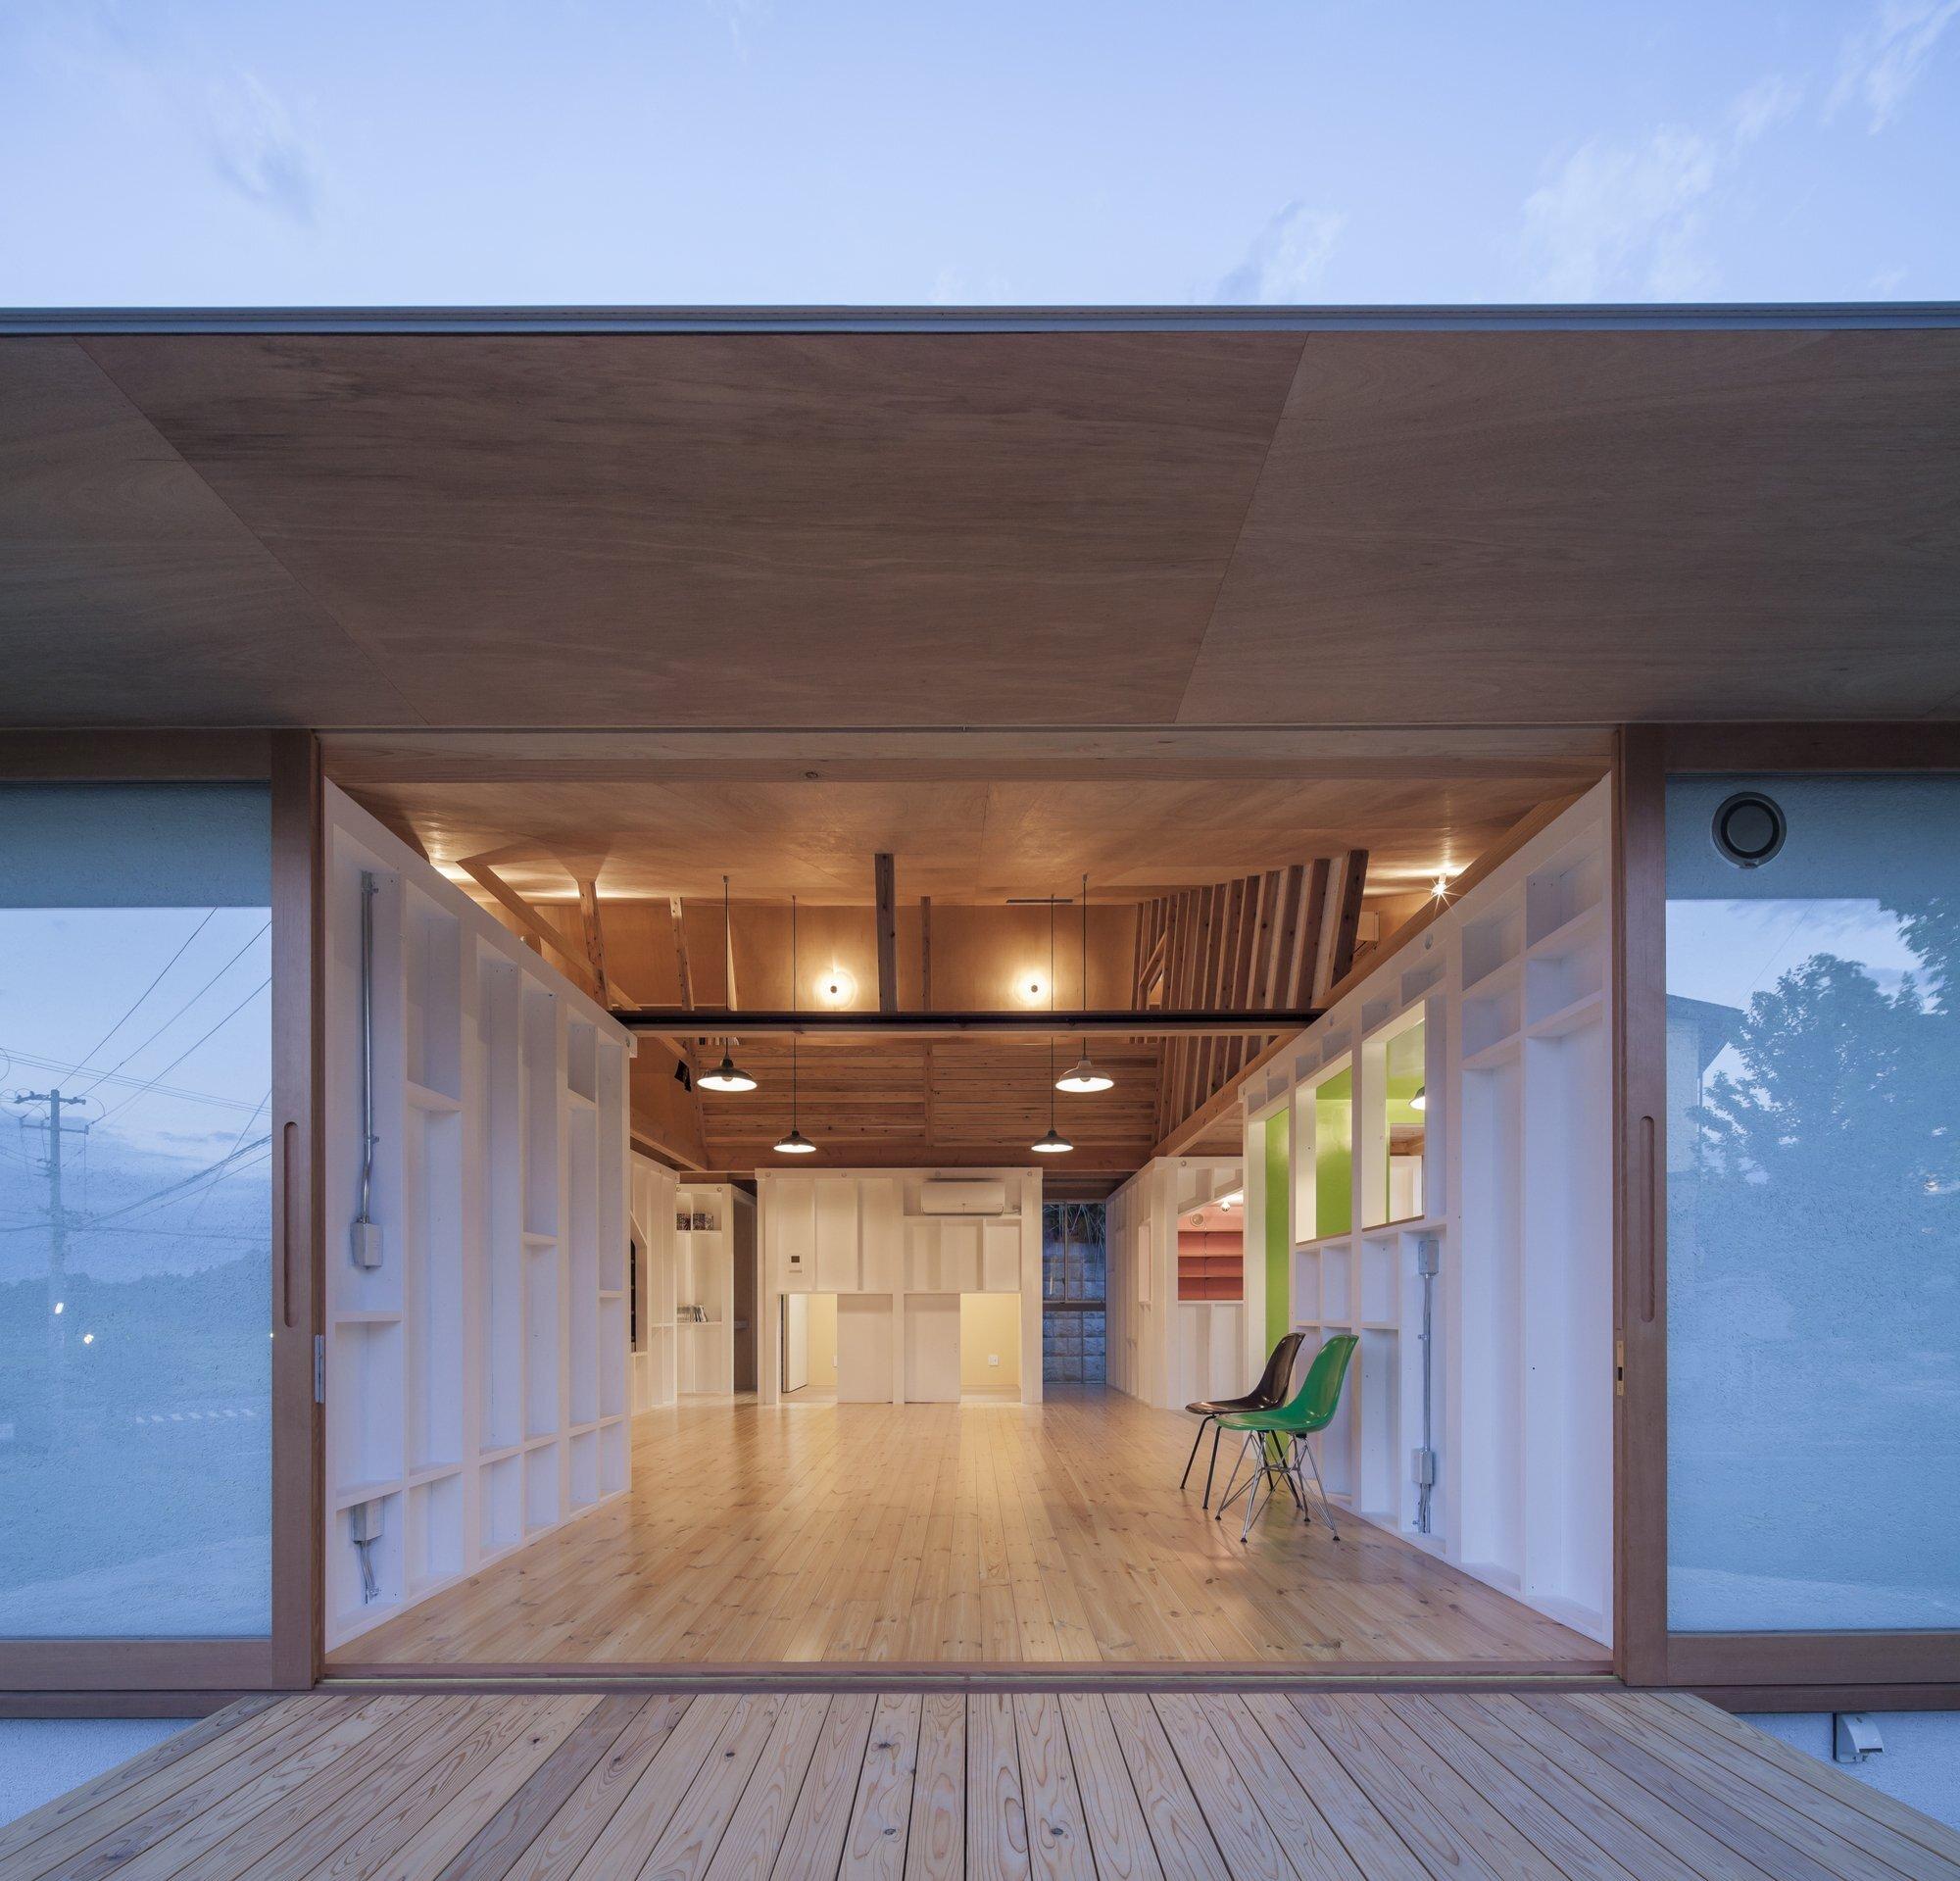 Small House - TASS - Fukushima - Japan - Entrance - Humble Homes